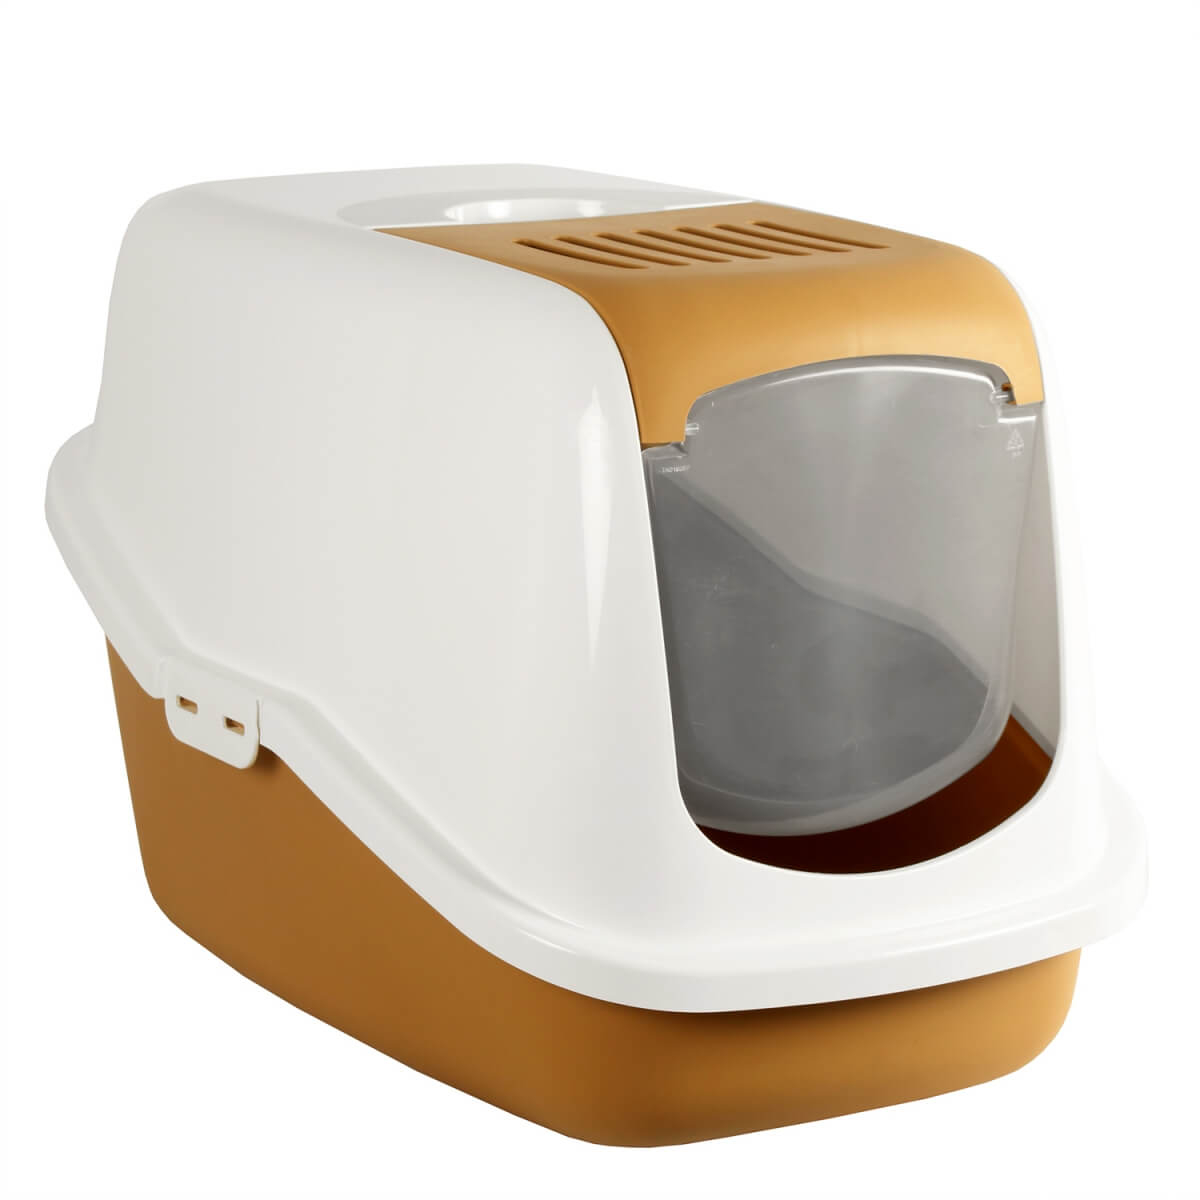 Maison de toilette nestor retro caramel pour chat bac et - Toilette retro ...